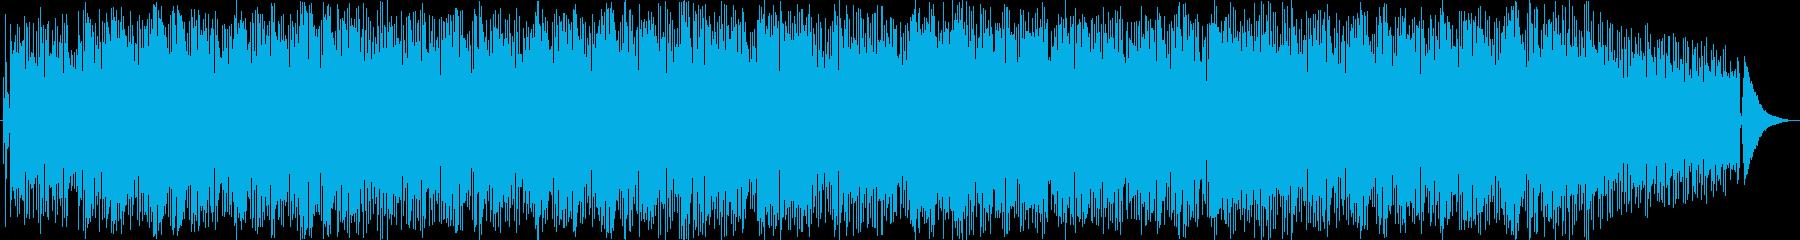 ラテン ジャズ バサノバ ほのぼの...の再生済みの波形